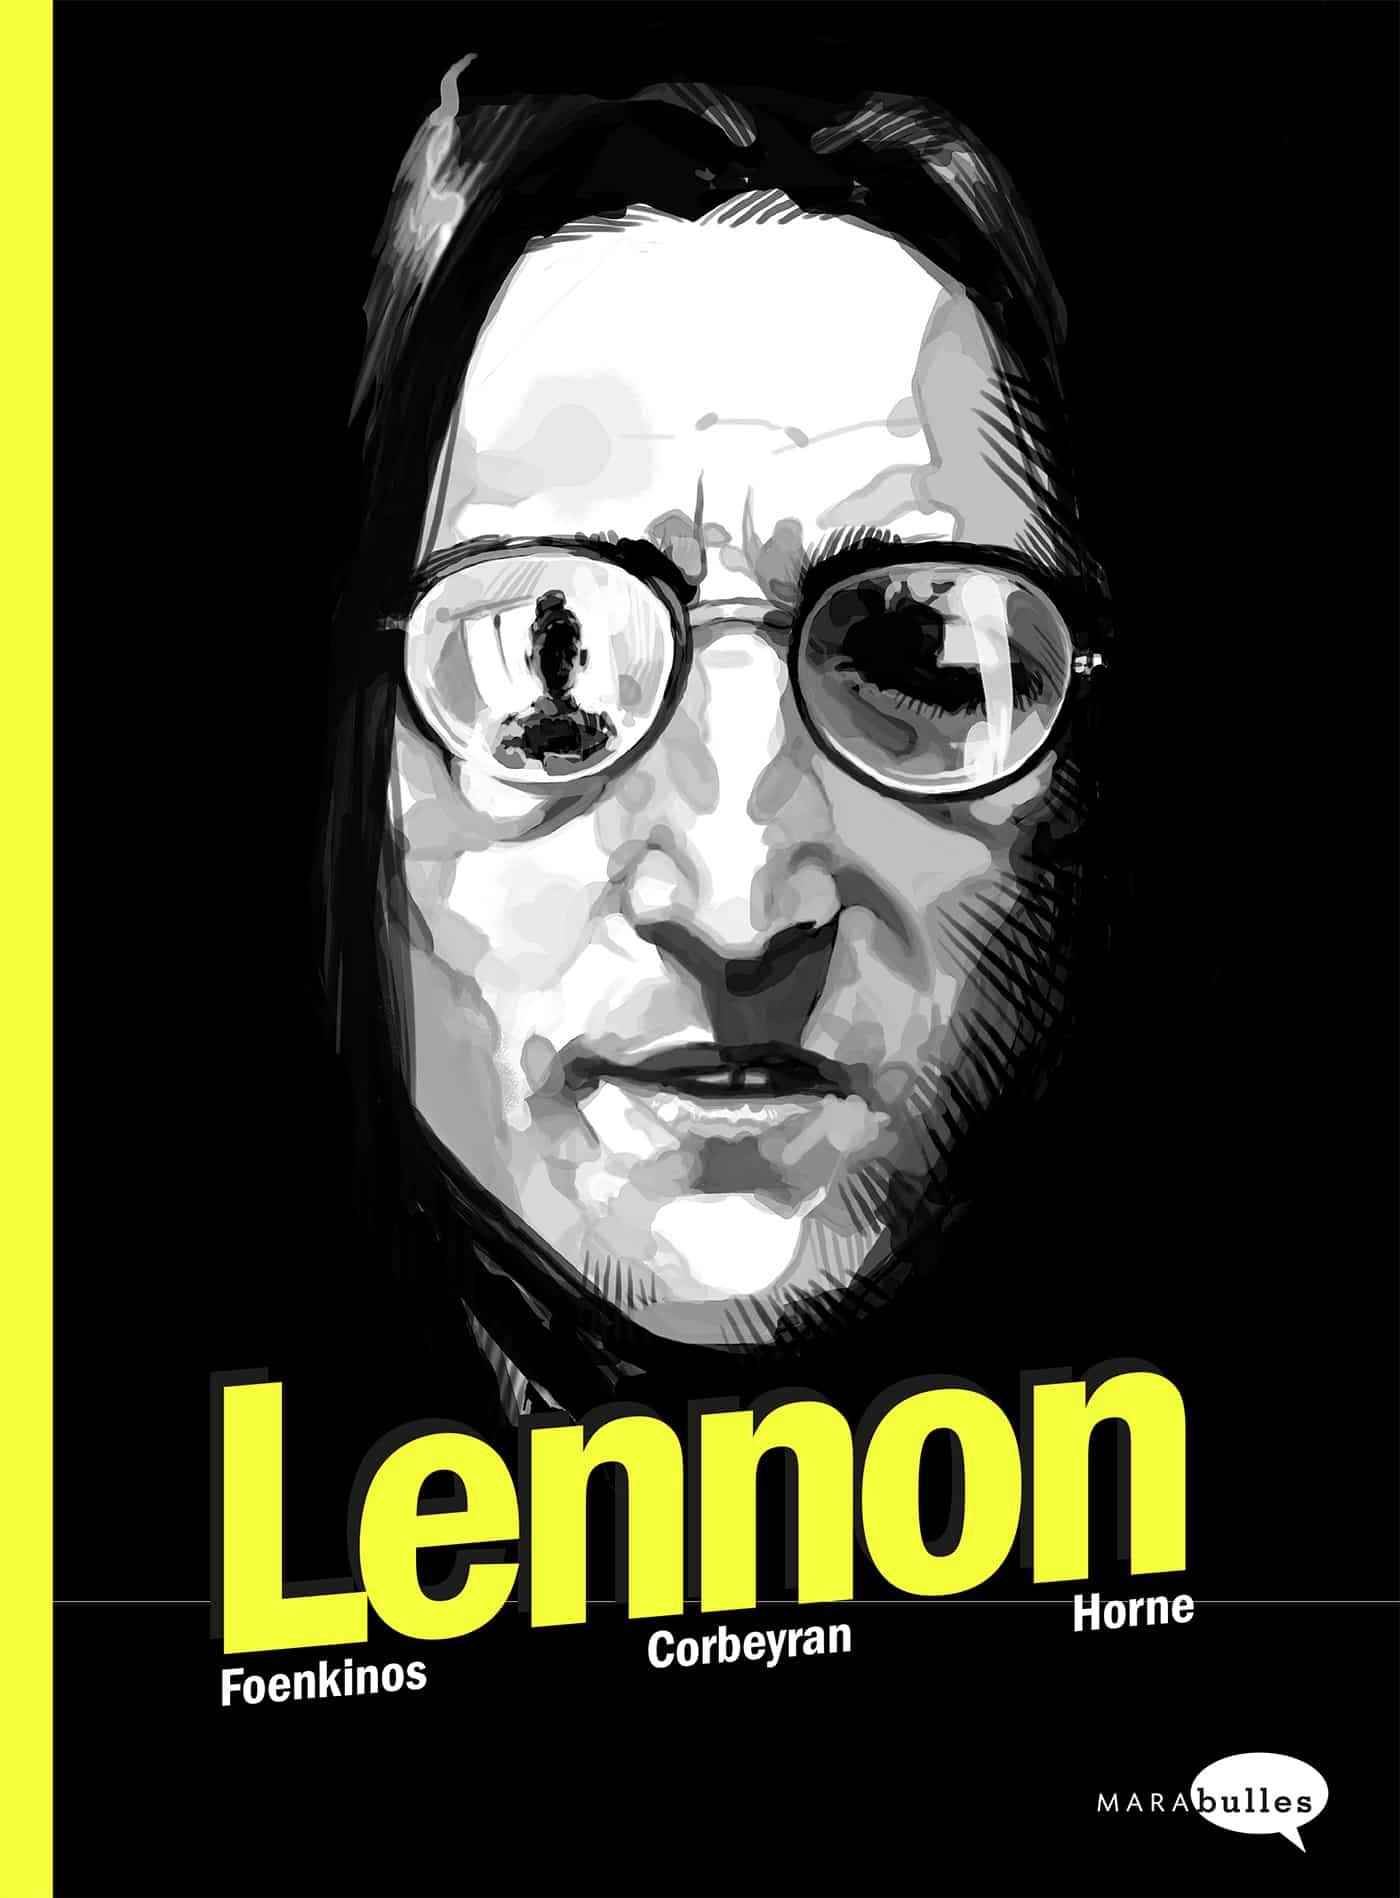 Lennon, biographie-confession sur le divan